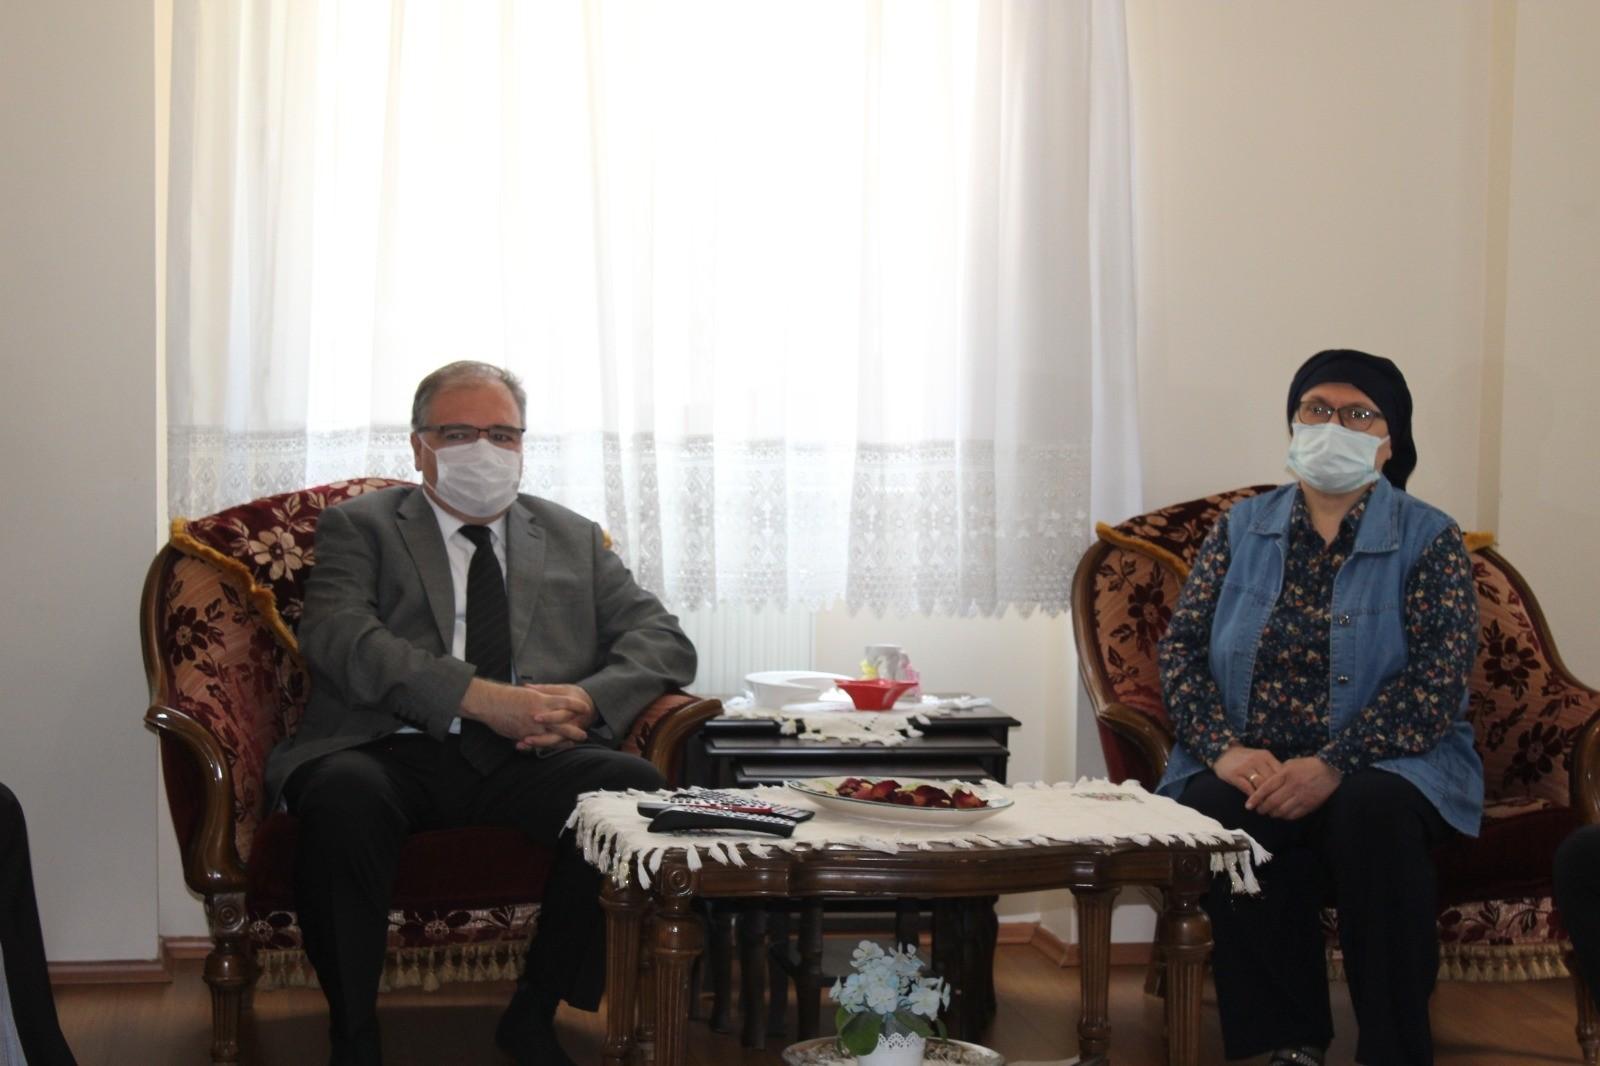 Kaymakam Türköz, Şehit Öğretmen Aybüke Yalçın'ın ailesini ziyaret etti